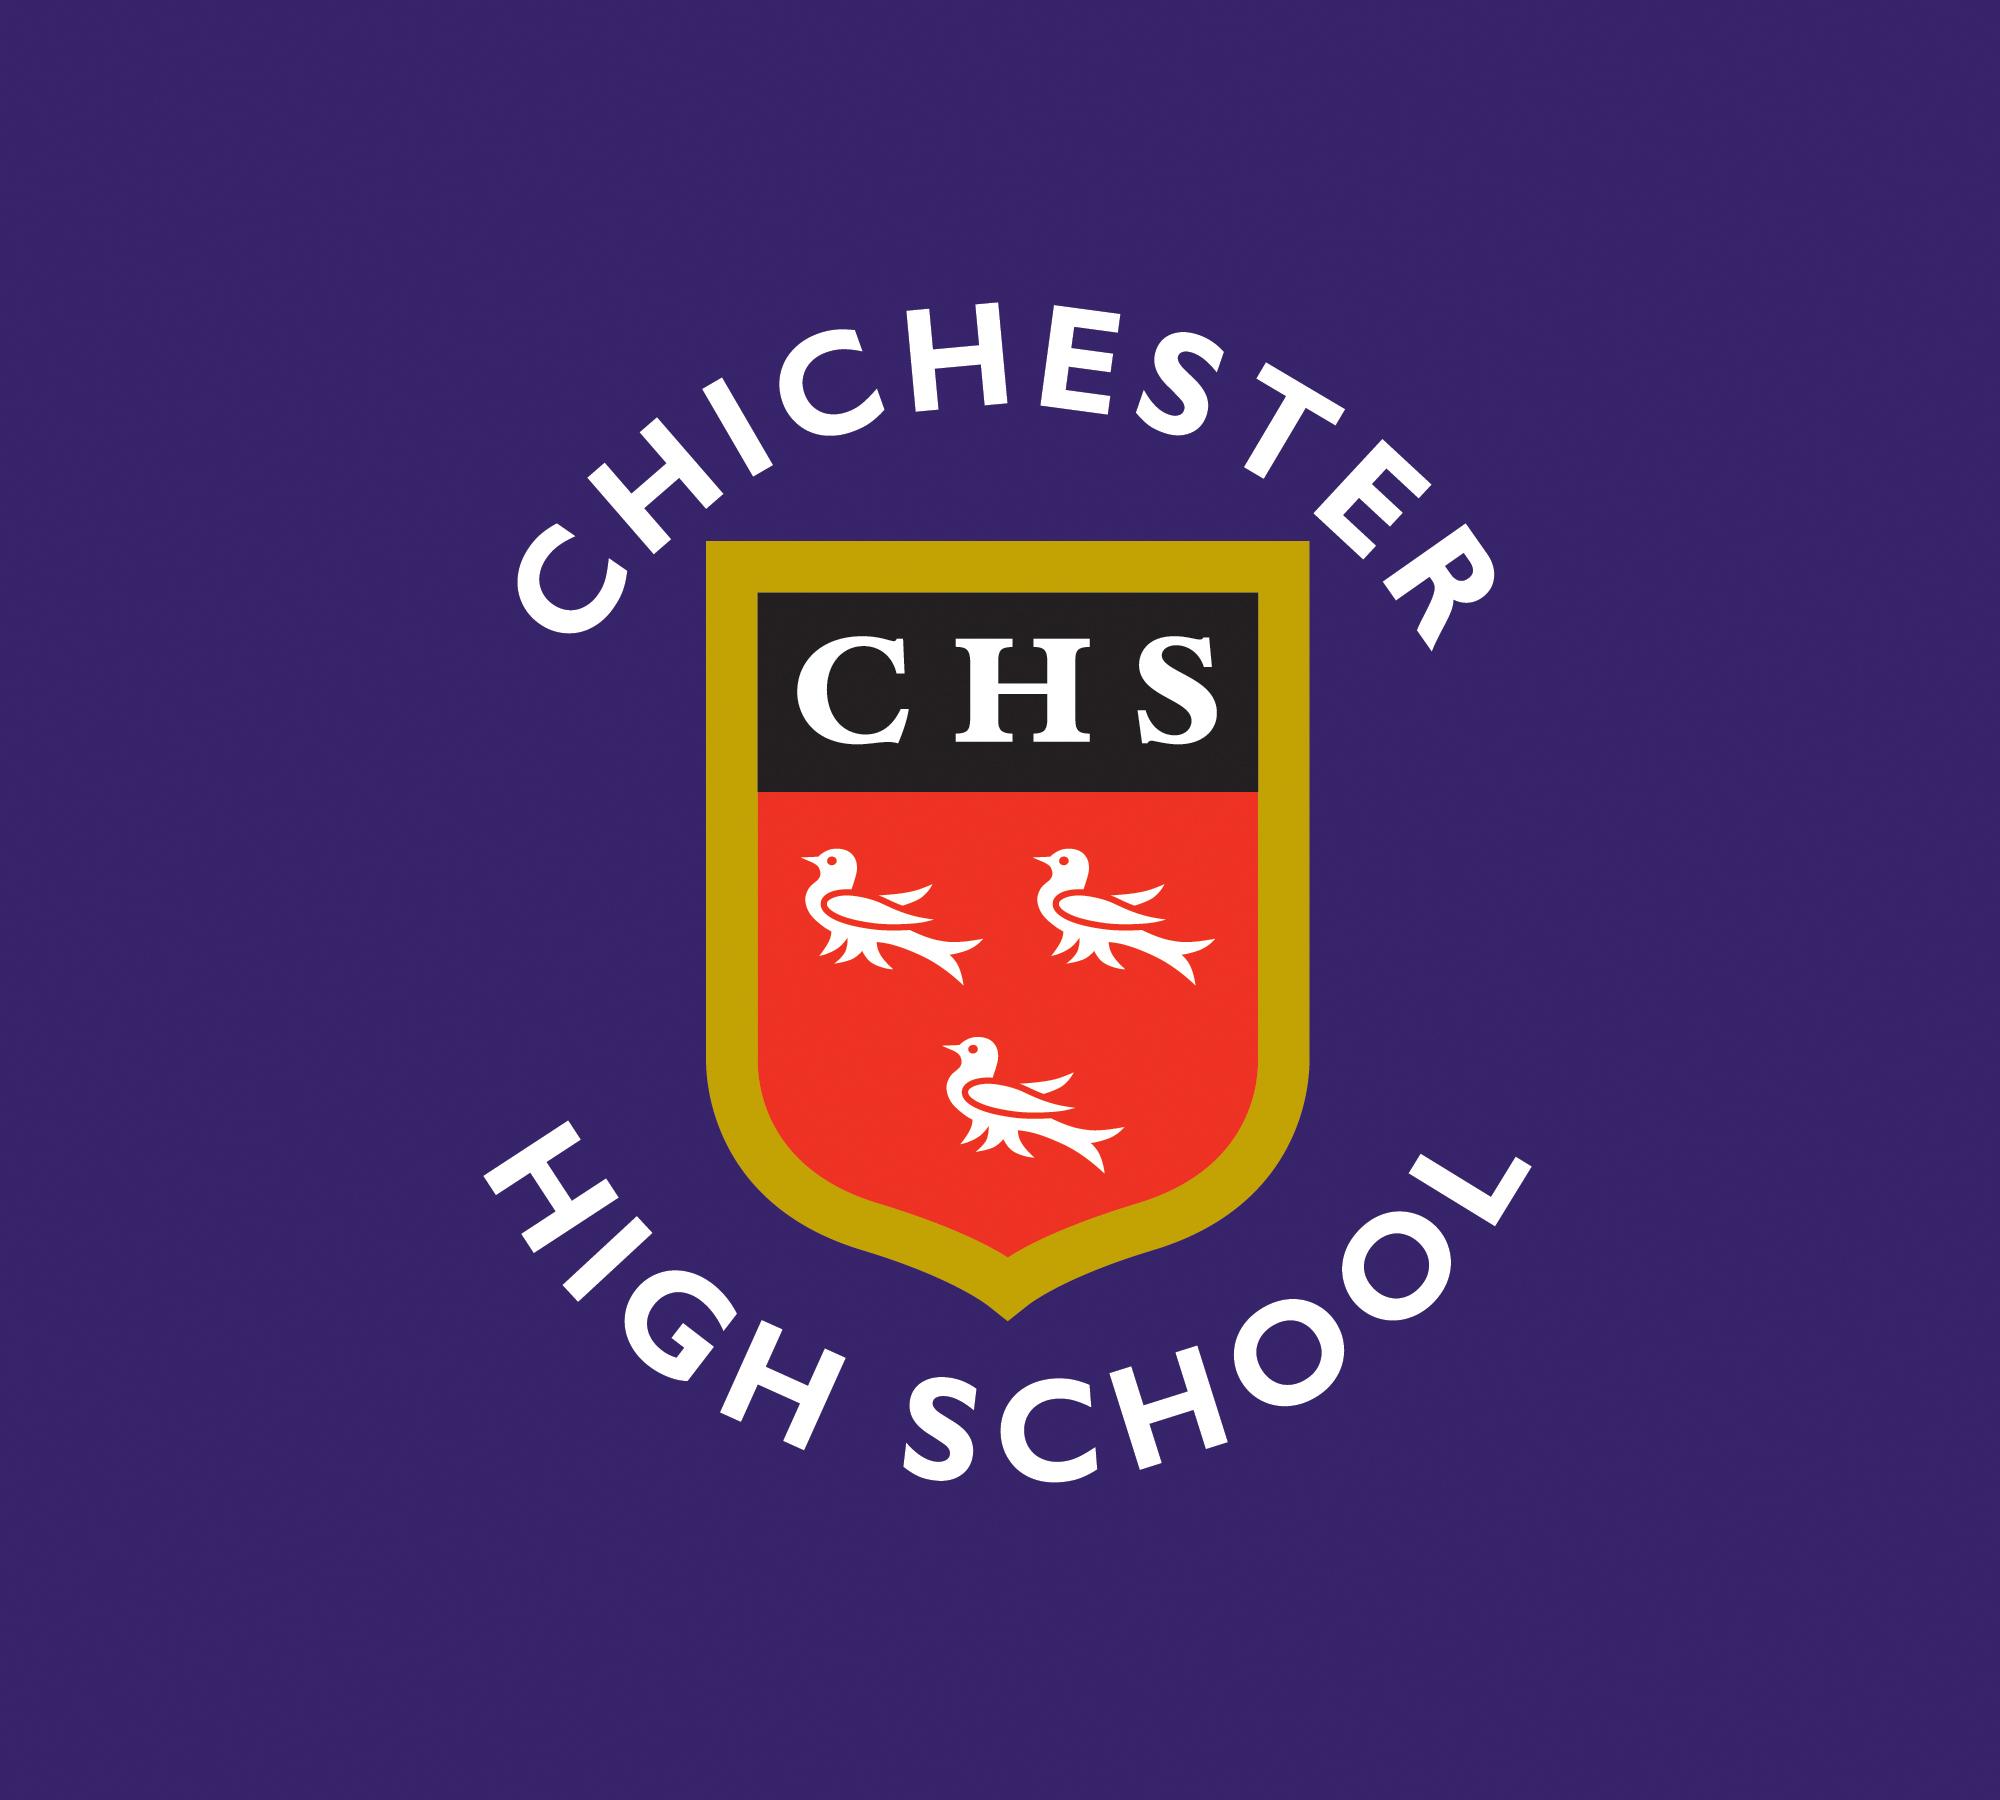 Chichester High School